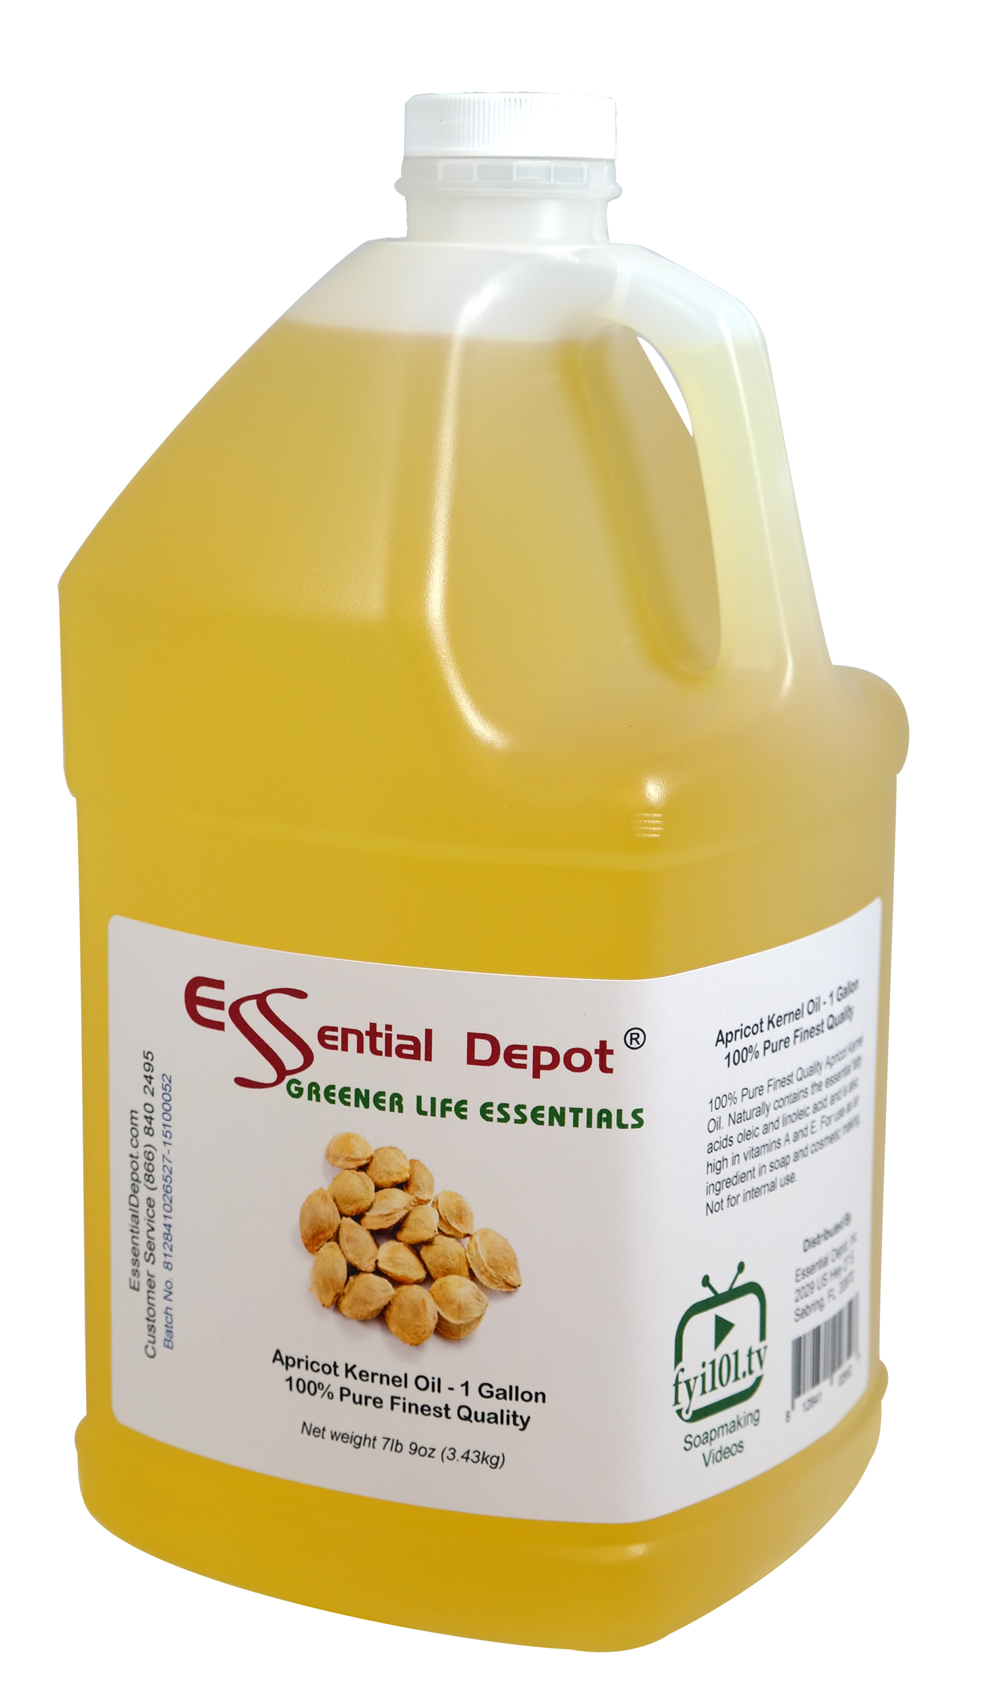 Apricot Kernel Oil - 1 Gallon